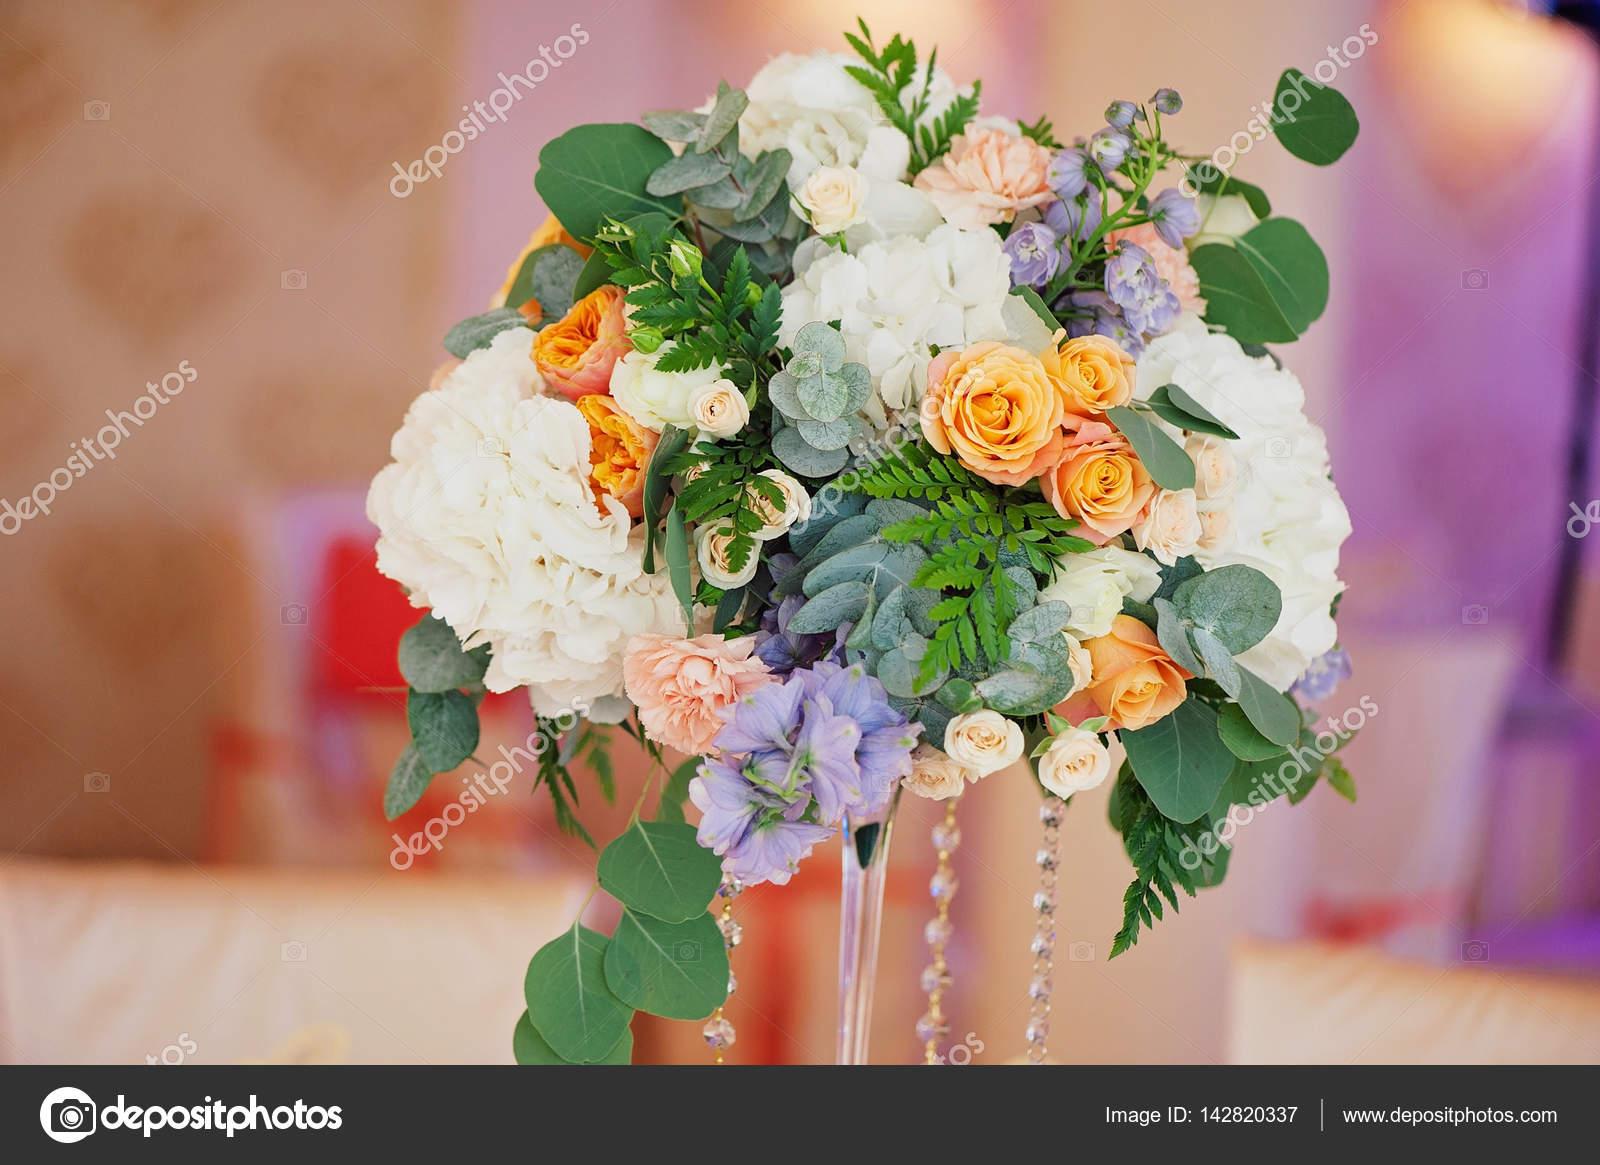 Decorazioni Matrimonio Arancione : Matrimonio decorazione mazzo di rose e petali closeup u2014 foto stock